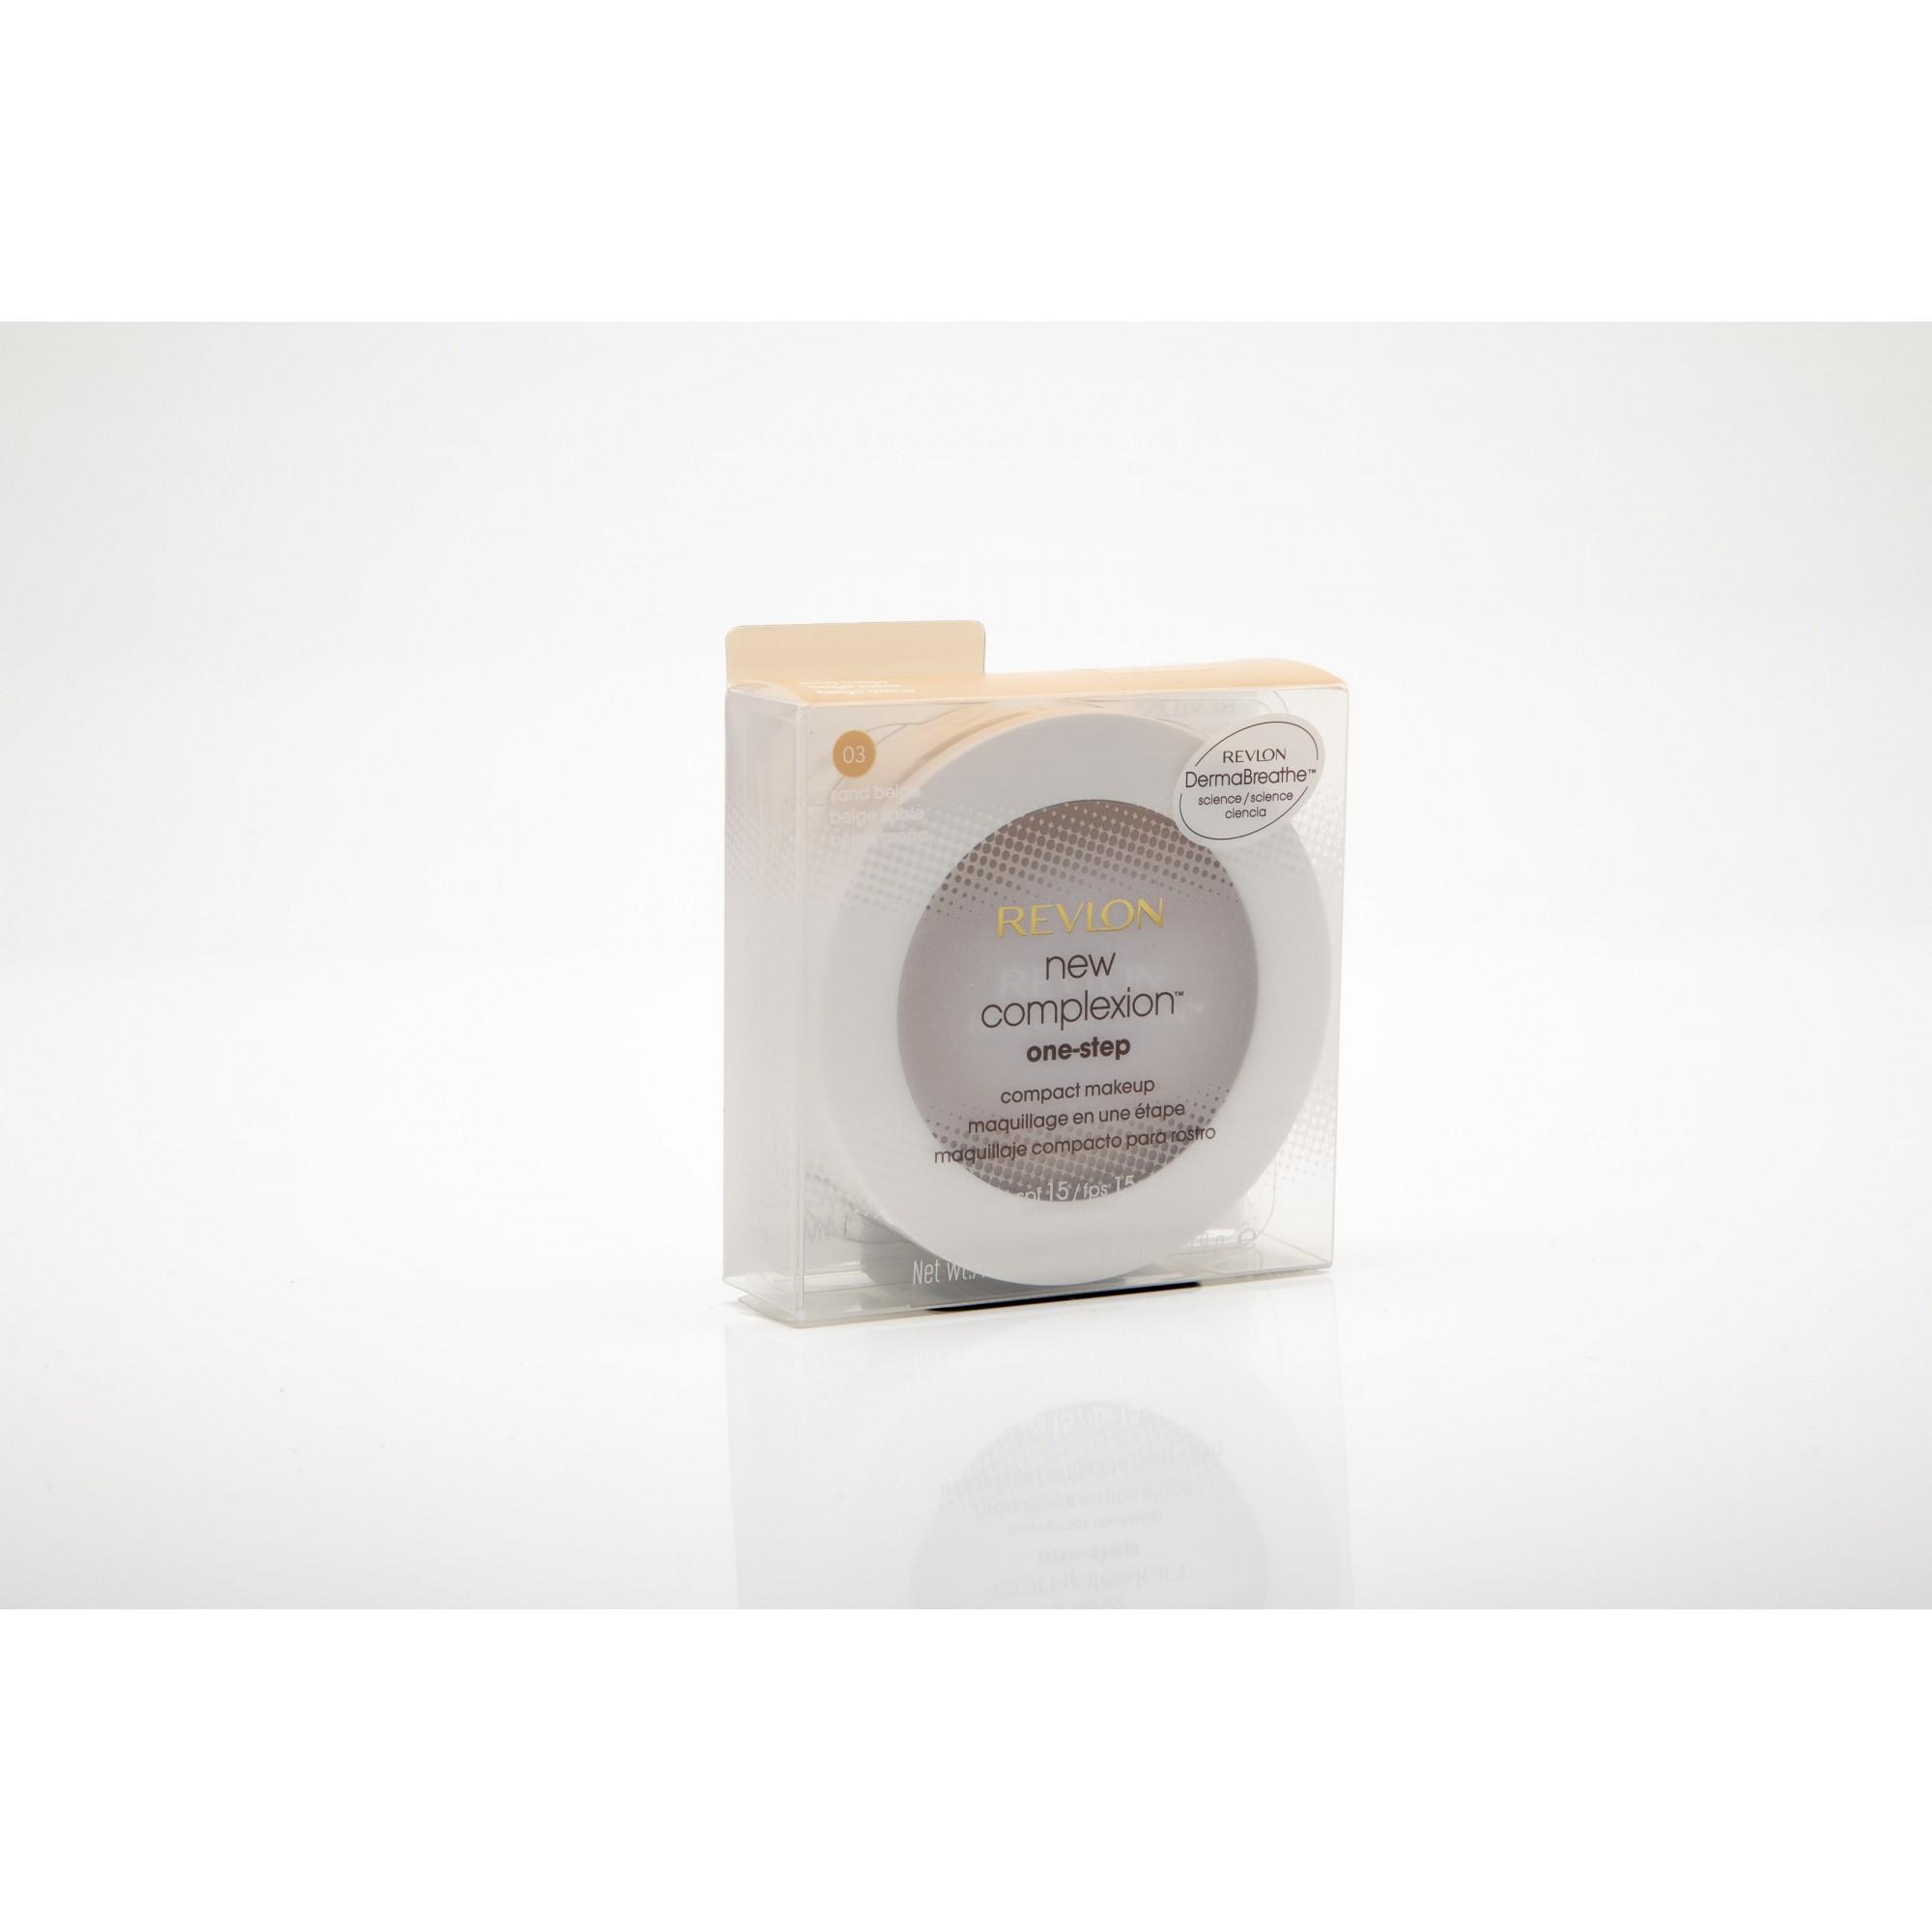 Revlon new complexion one-step compact pó e base 2 em 1 03 sand beige